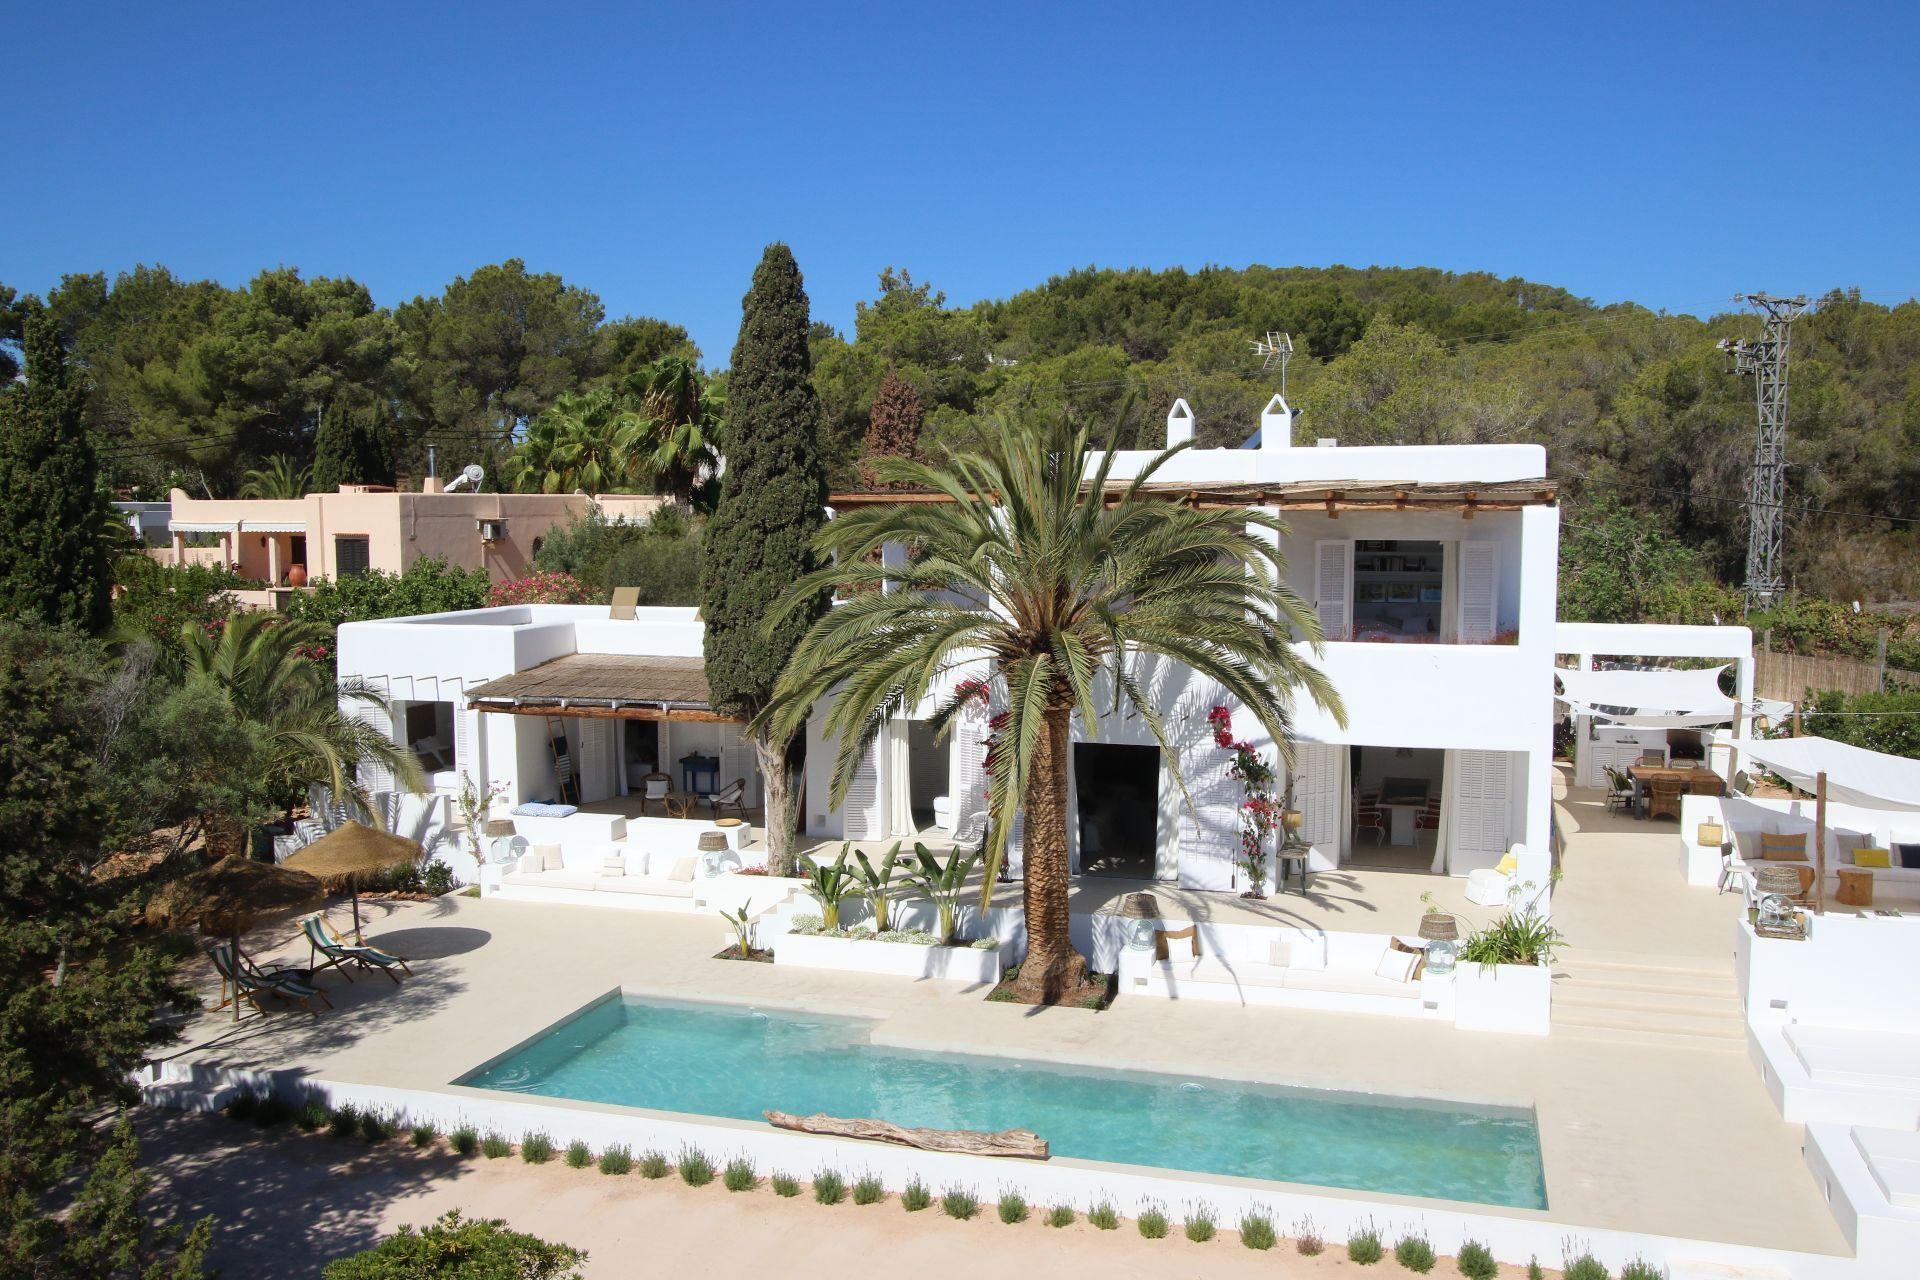 Luxury Villa in Santa Eulalia del Río, San Carles, holiday rentals